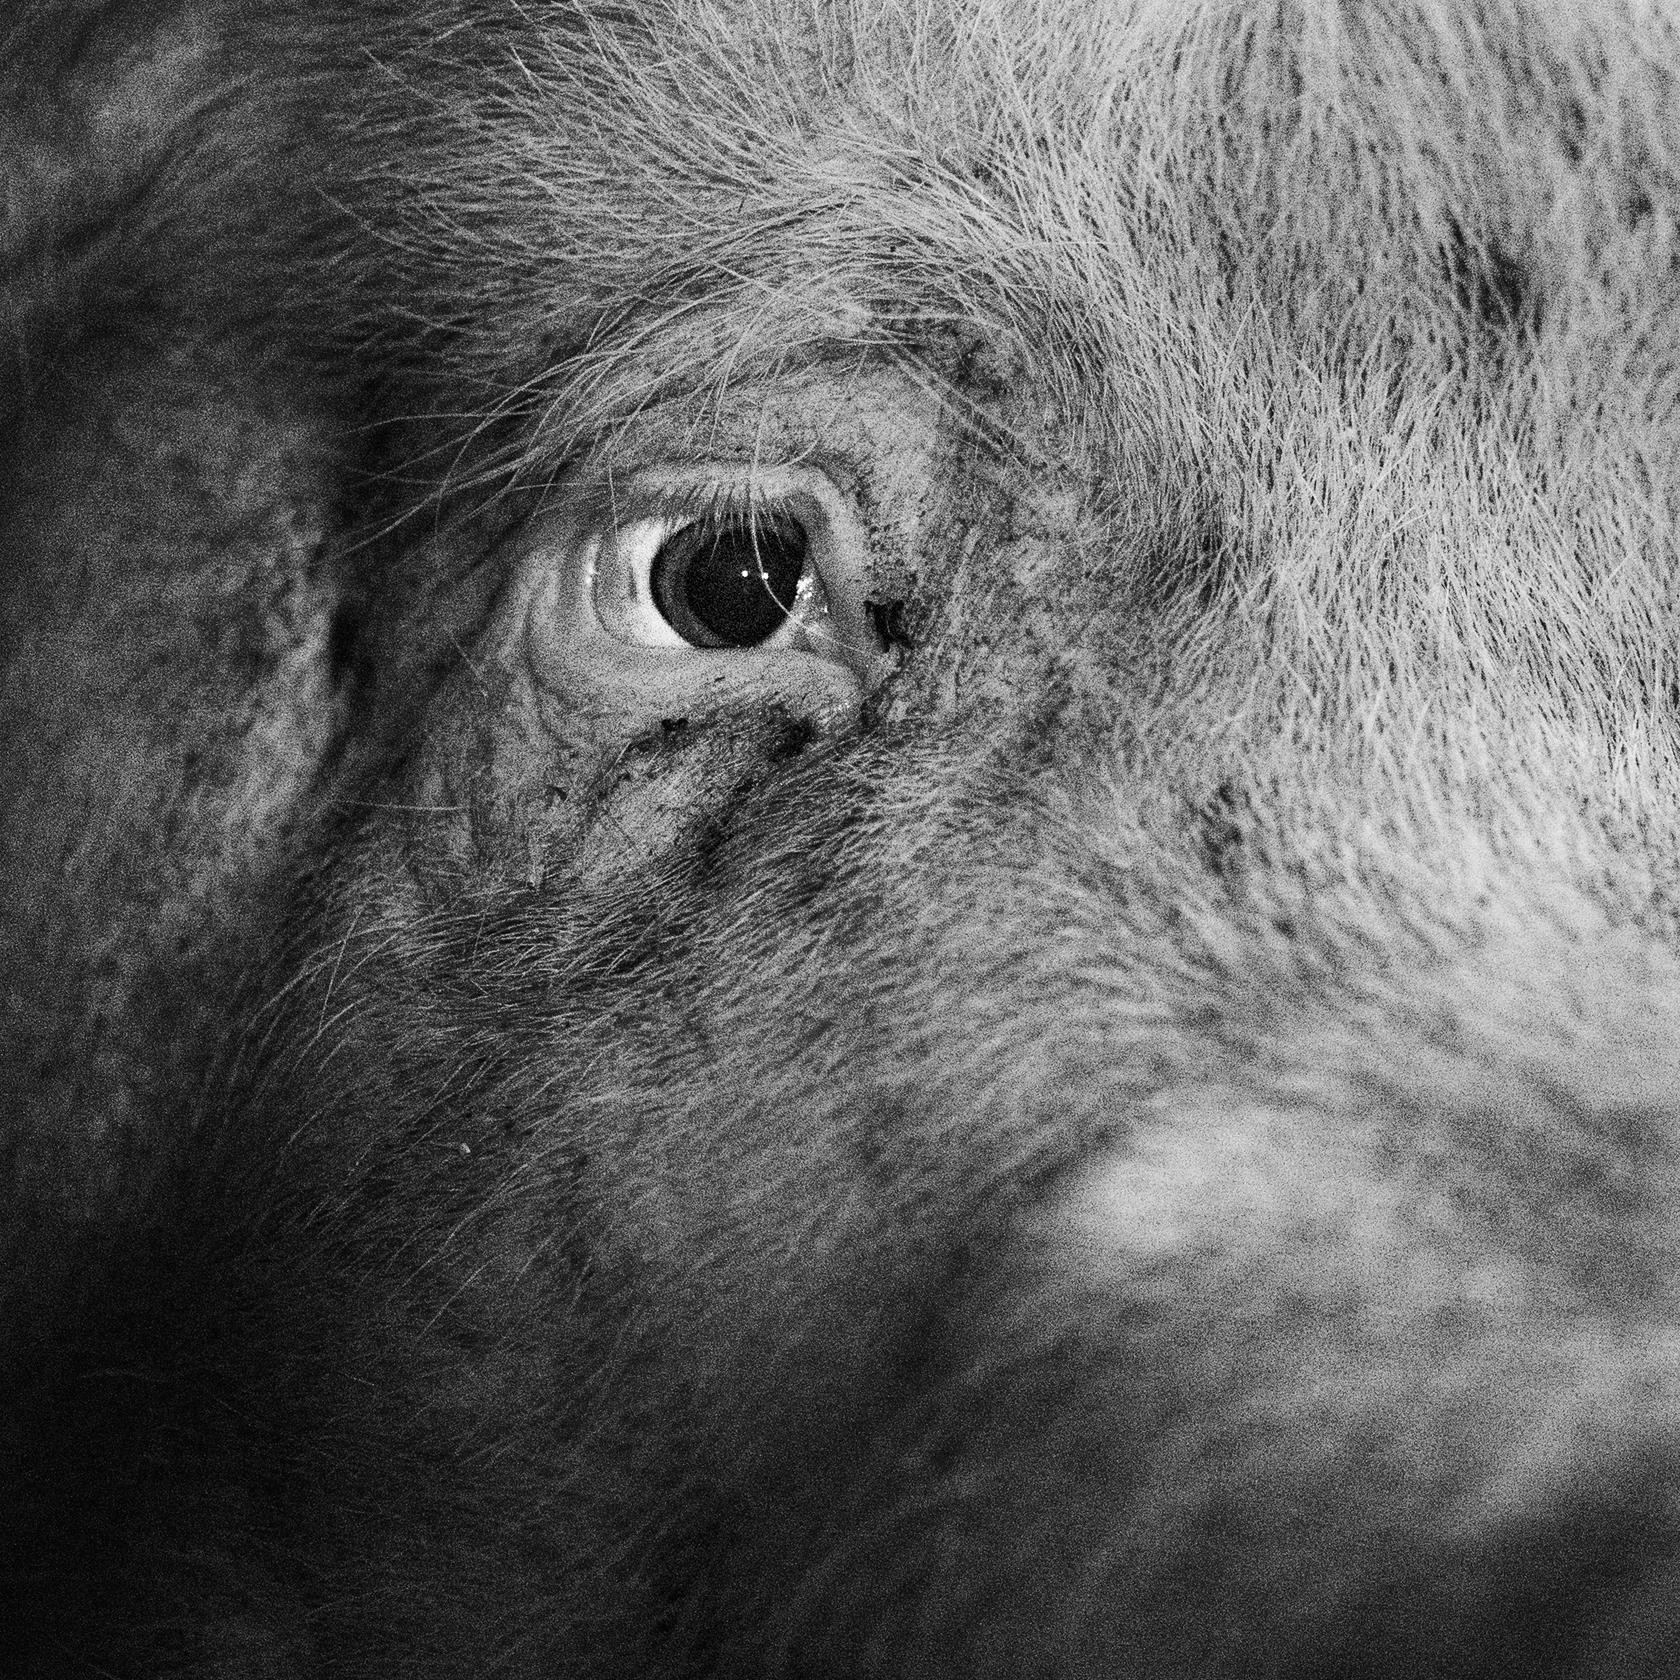 NR. 400 FÖDD: 24 maj 2015 ANTAL KULTINGAR: 11 KULTINGAR I SENASTE KULLEN: 4 Är en snäll sugga. Har skadat ena ögat, antagligen när en annan gris bökat.